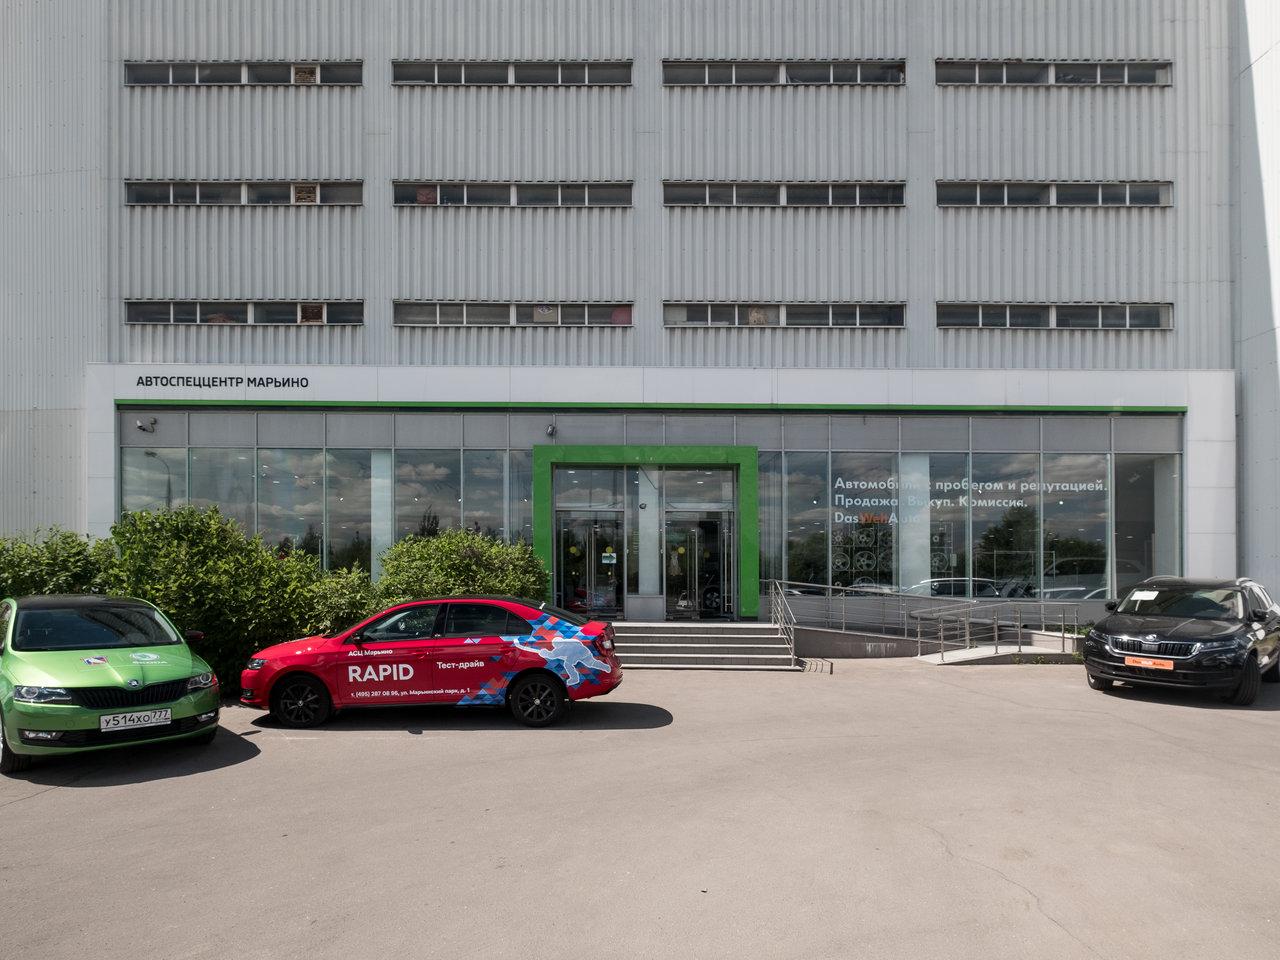 Автосалон спеццентр москва аренда авто без залога без лимита пробега